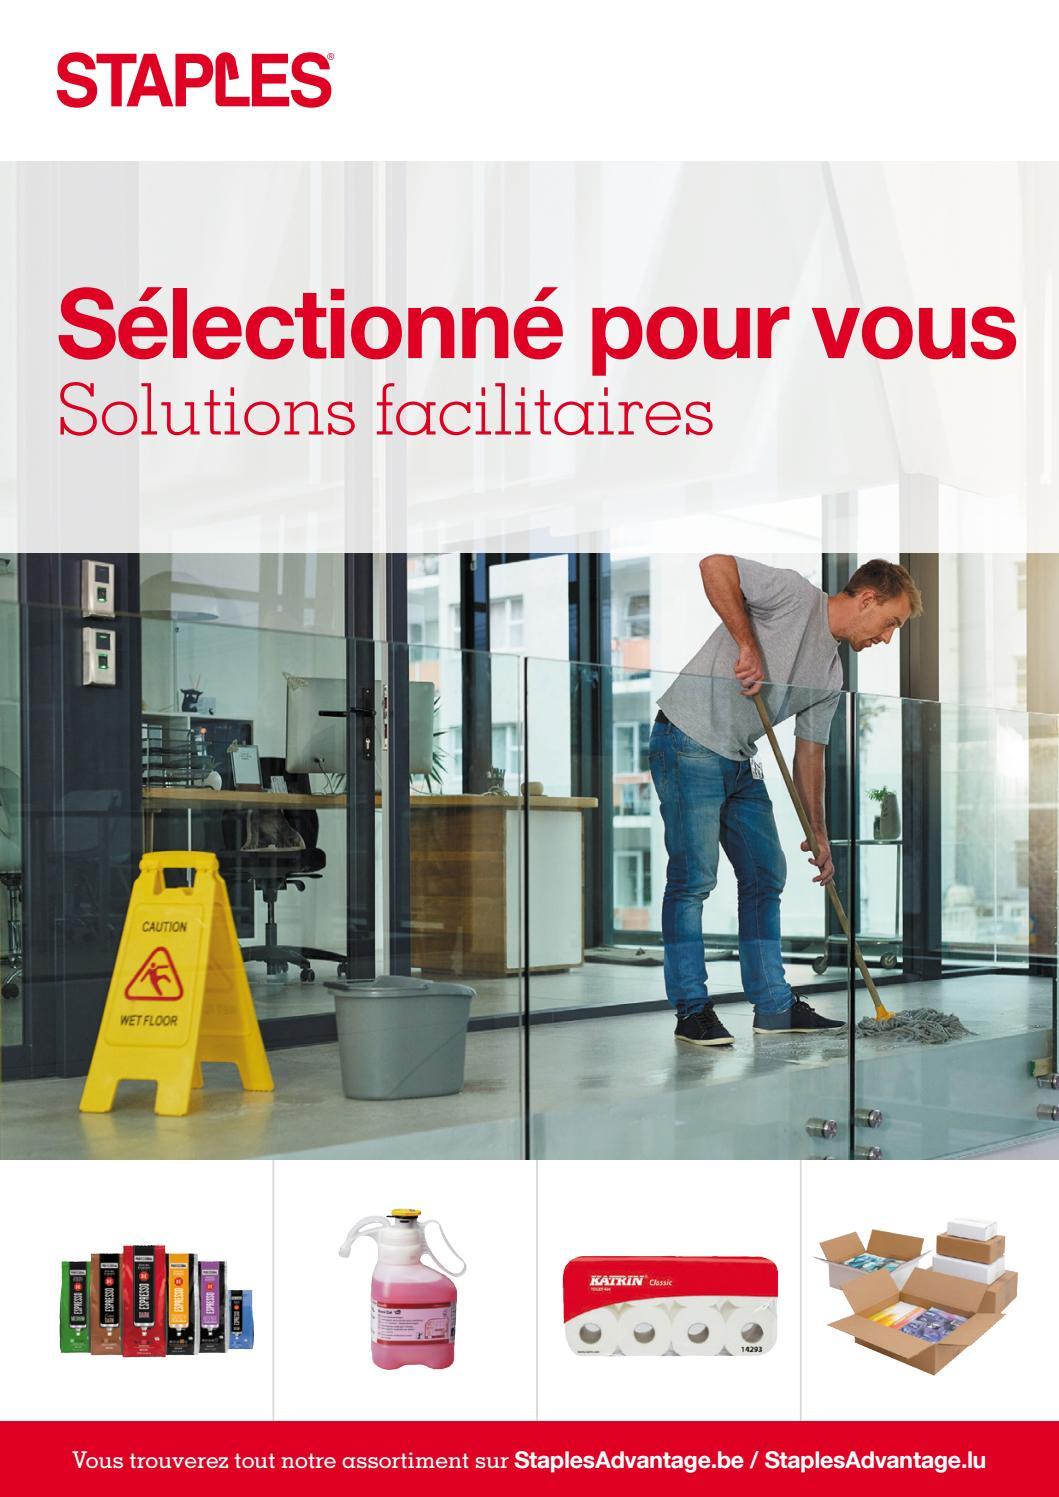 Concept-Art Exklusiv Brosse de nettoyage en aluminium pour machine /à caf/é avec protection anti-br/ûlure pour les doigts